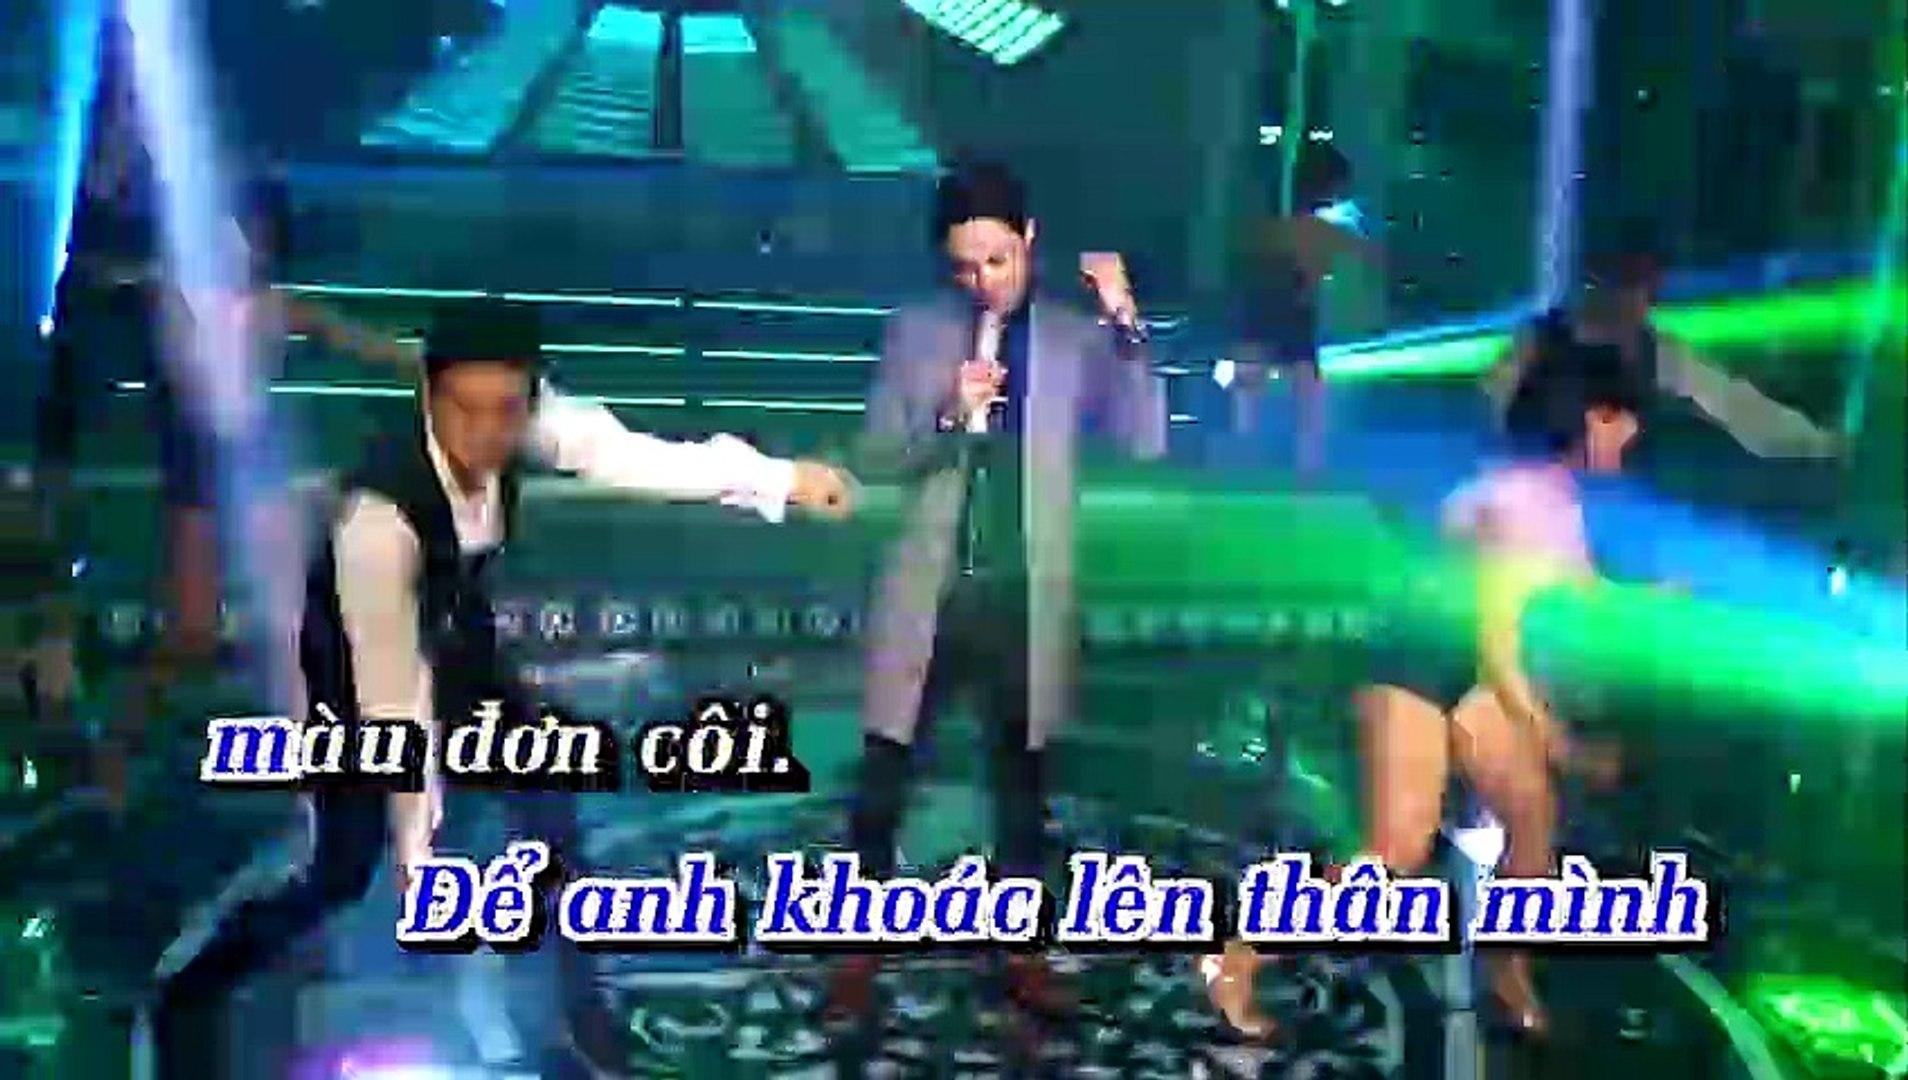 [Karaoke] Ngắm Hoa Lệ Rơi (Remix) - Nguyễn Hy [Beat]